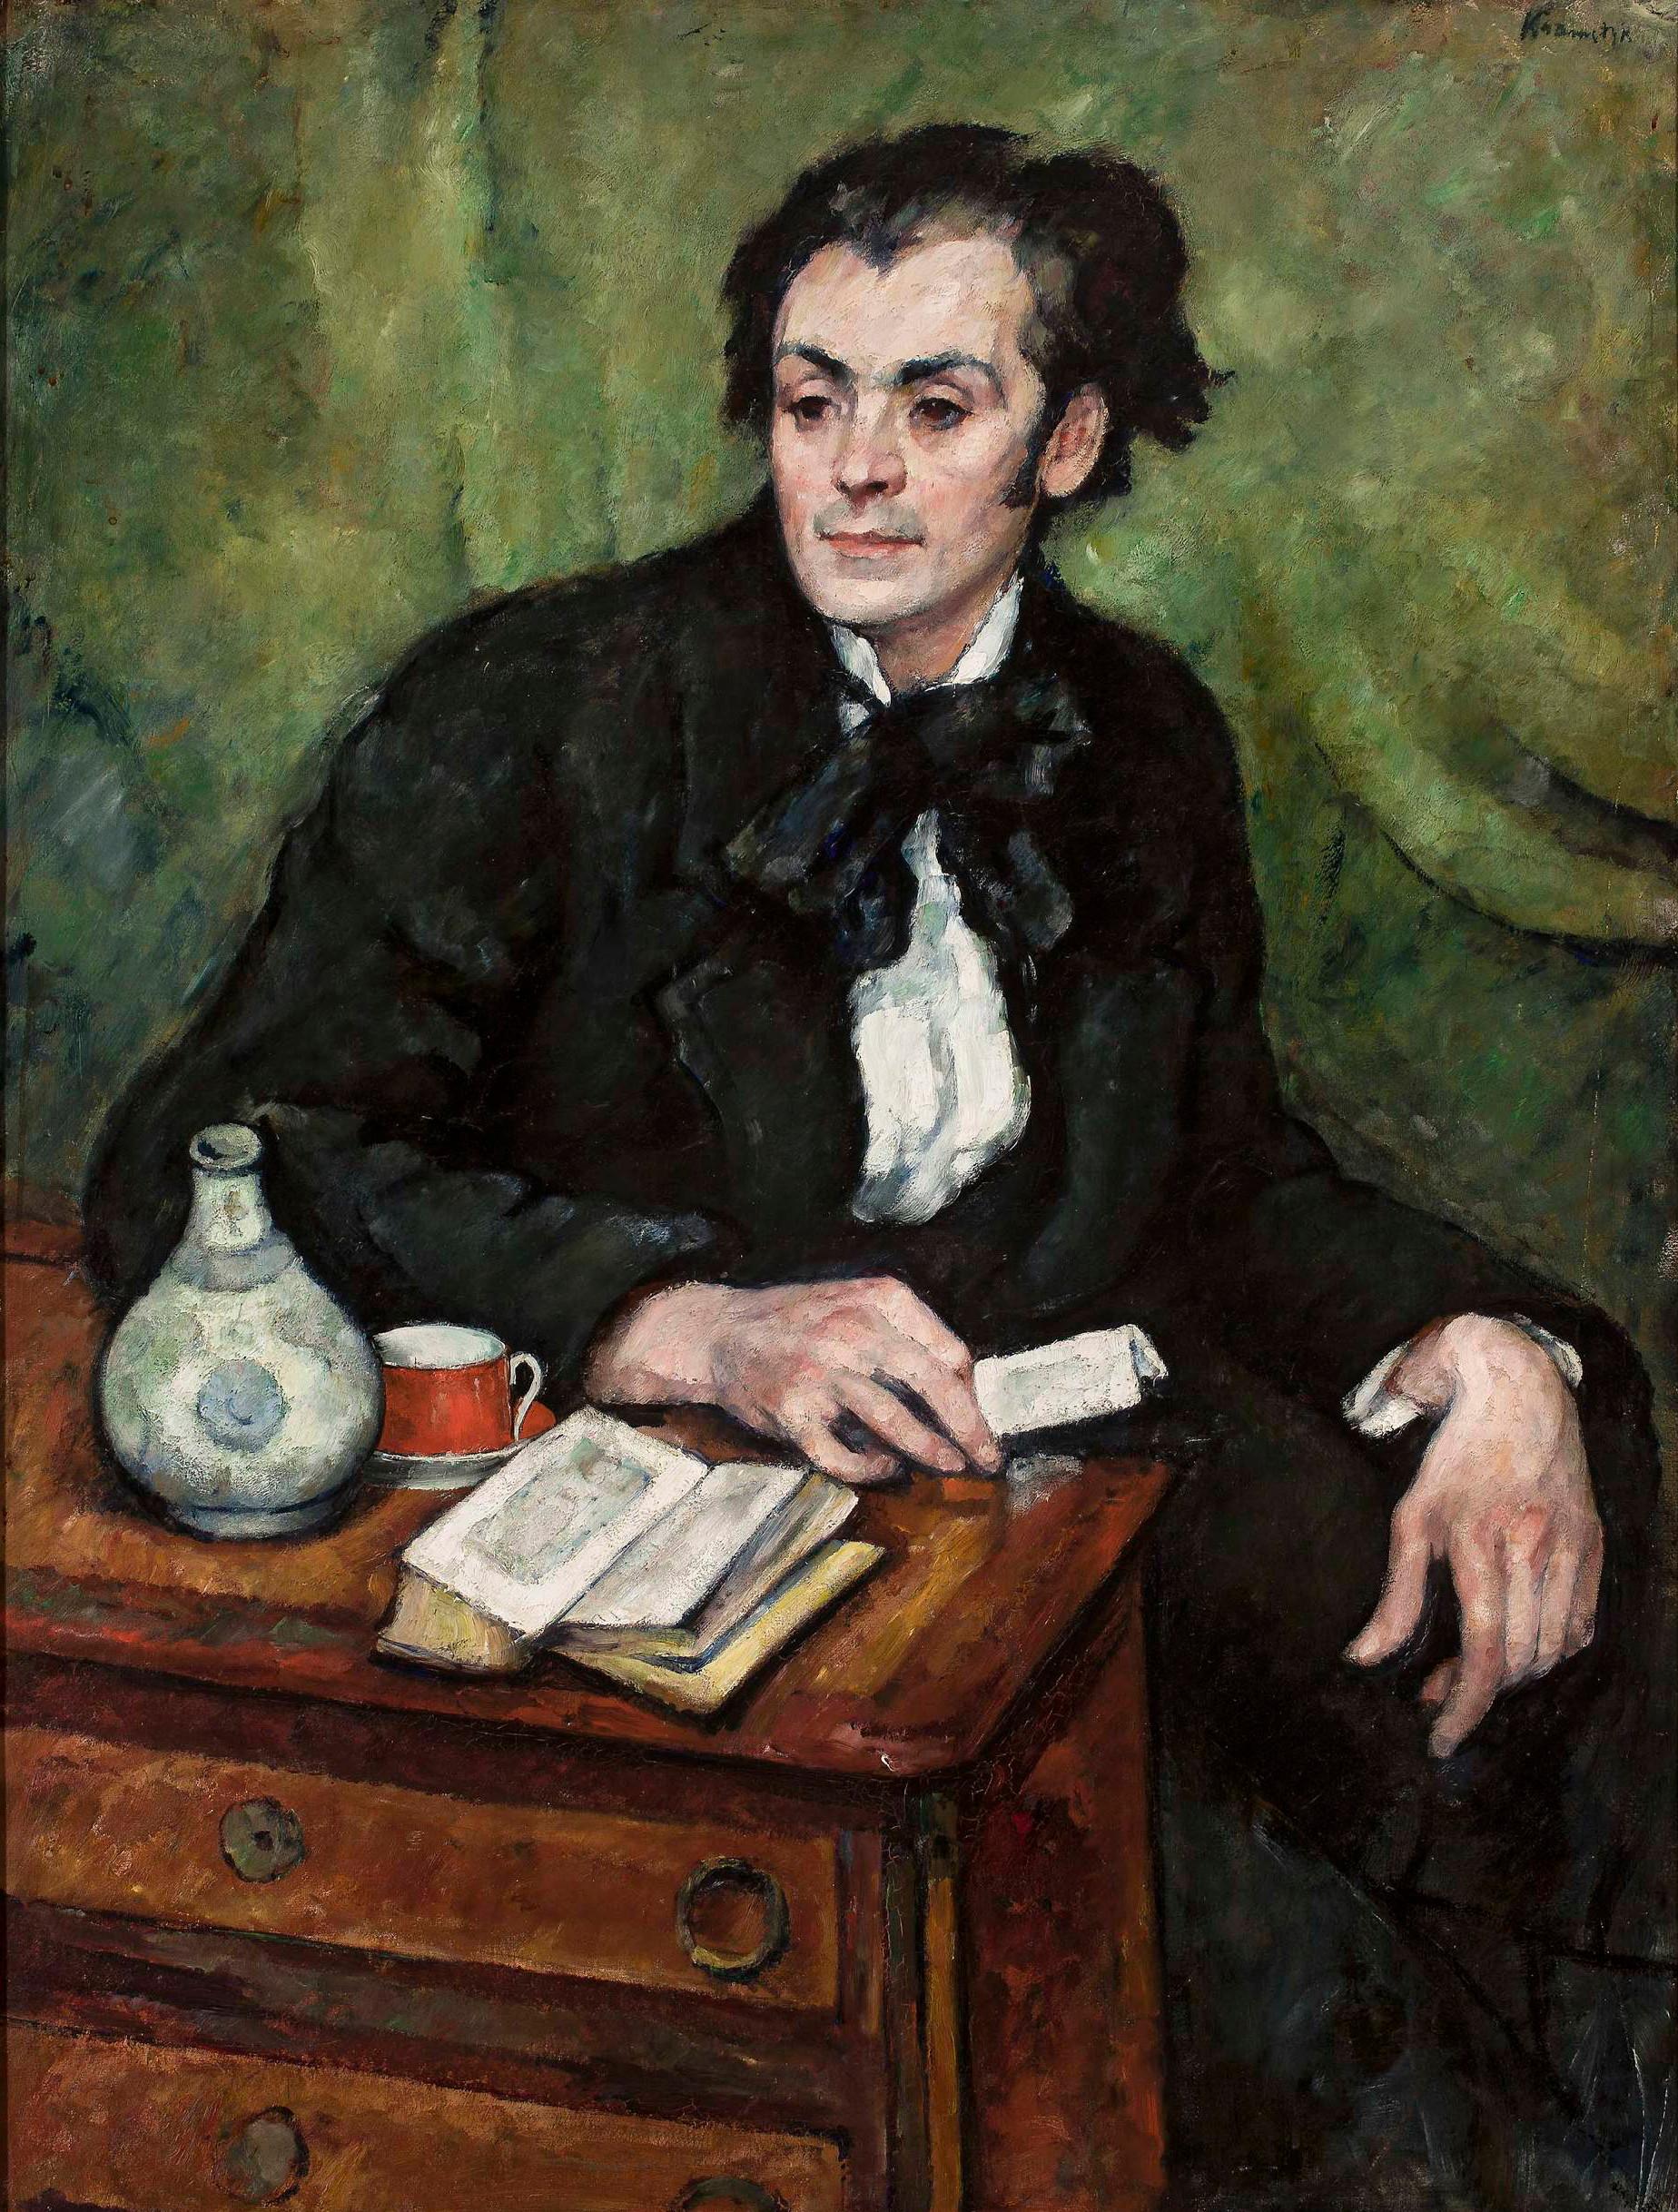 """Roman Kramsztyk (1885-1942) """"Portret Jana Rubczaka"""", ok. 1910 roku, źródło: Muzeum Narodowe w Warszawie"""